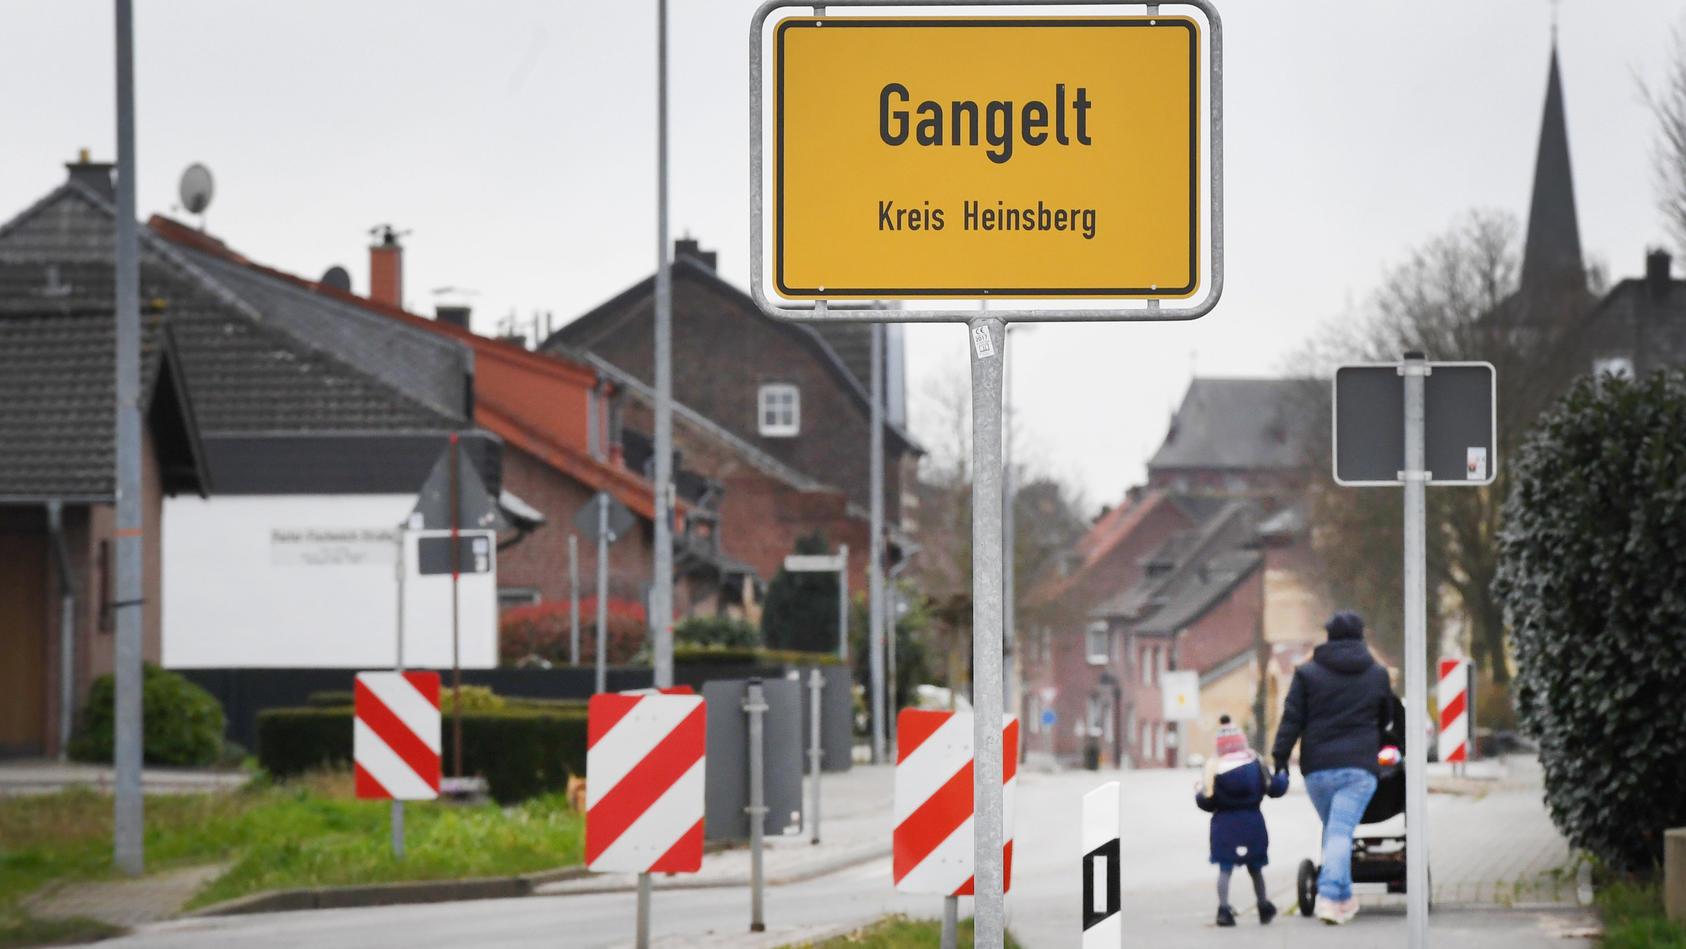 Der Kreis Heinsberg in Nordrhein-Westfalen gilt als Brennpunkt für das neuartige Coronavirus SARS-CoV-2.